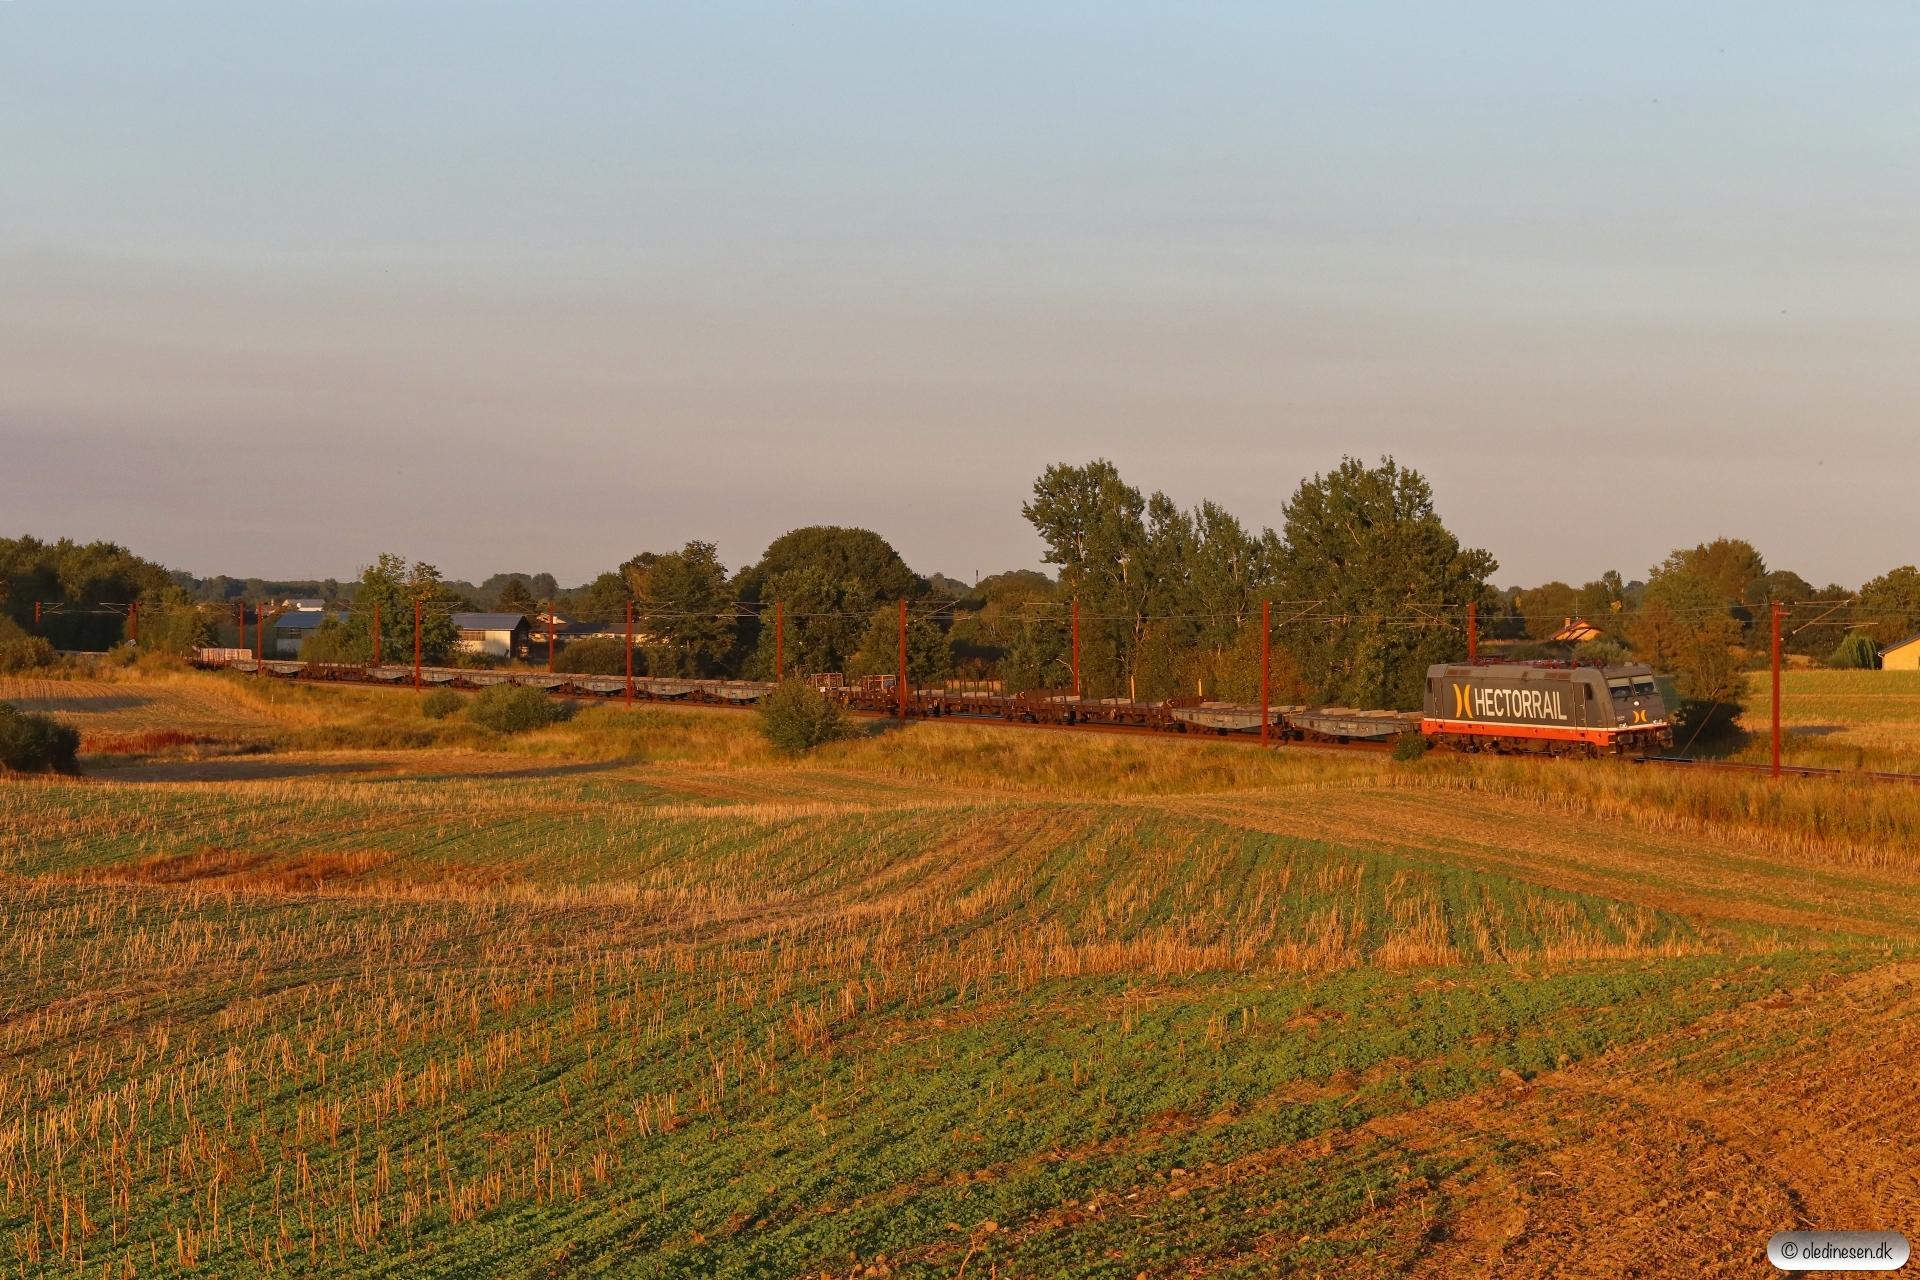 HCTOR 241.012 med HG 98093 Gl-Pa. Km 172,6 Kh (Holmstrup-Tommerup) 19.08.2020.